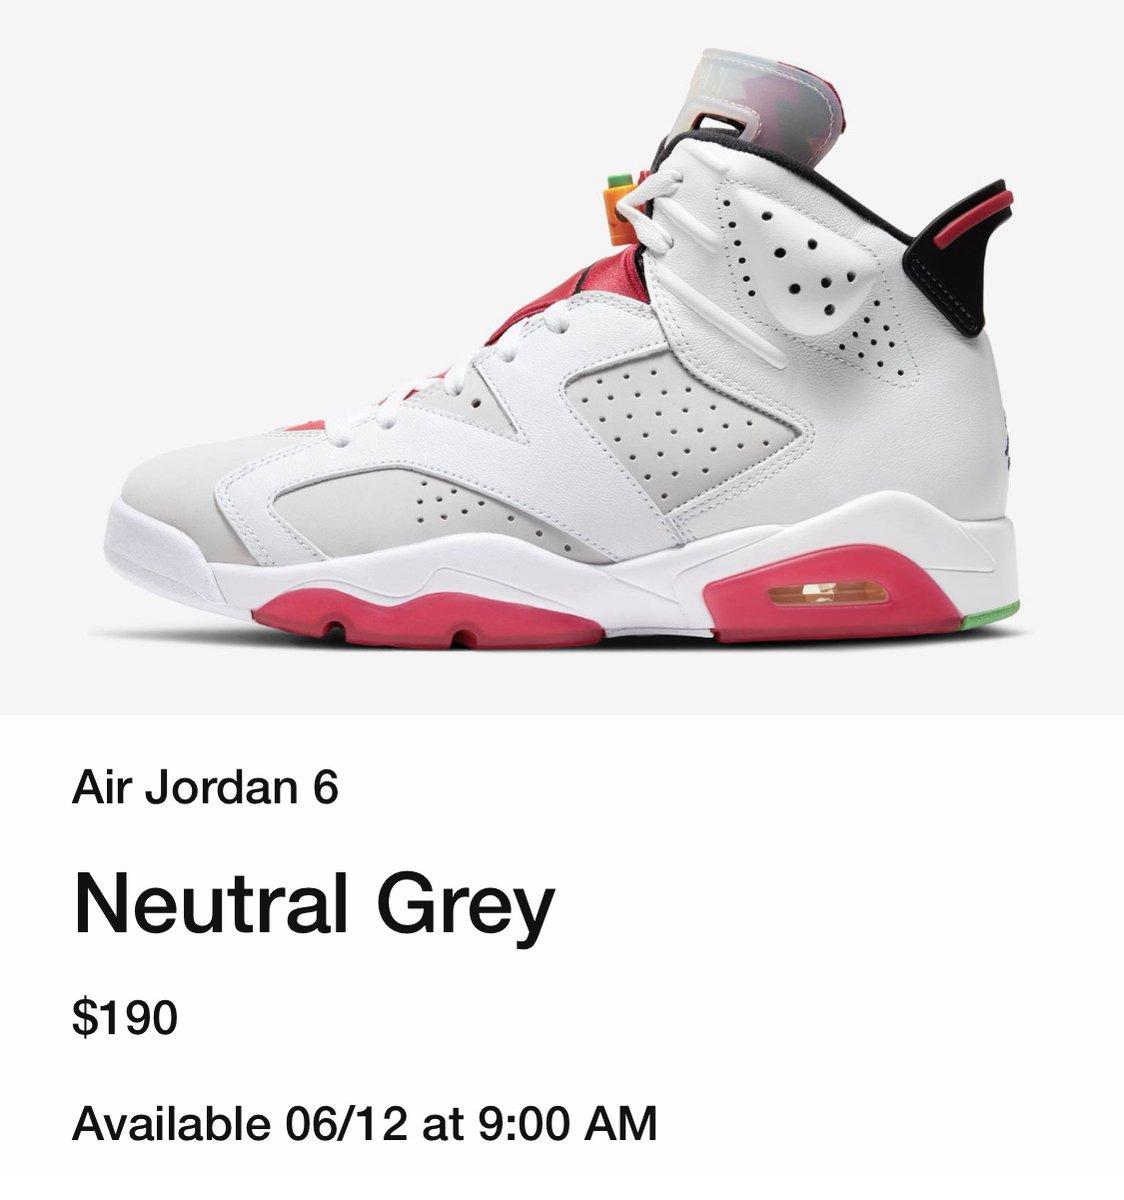 Air Jordan 6 Hare New Release Date